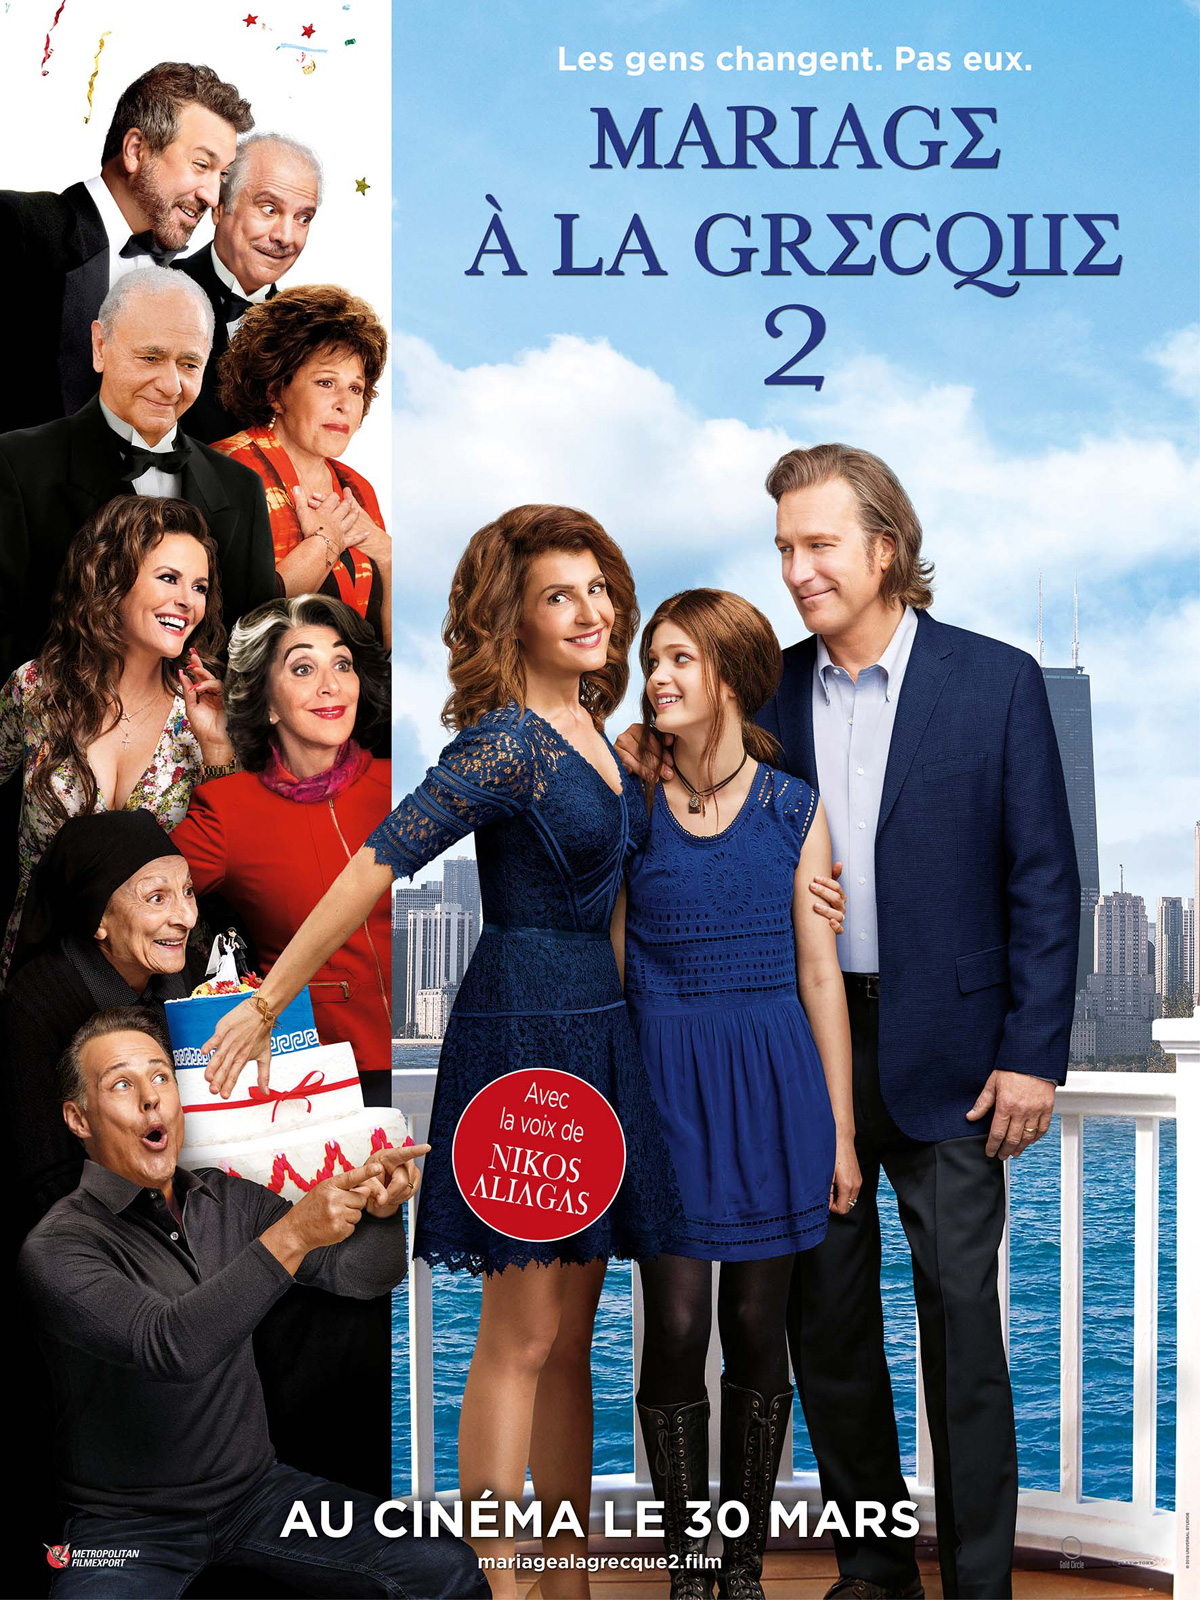 Mariage à la grecque 2 ddl